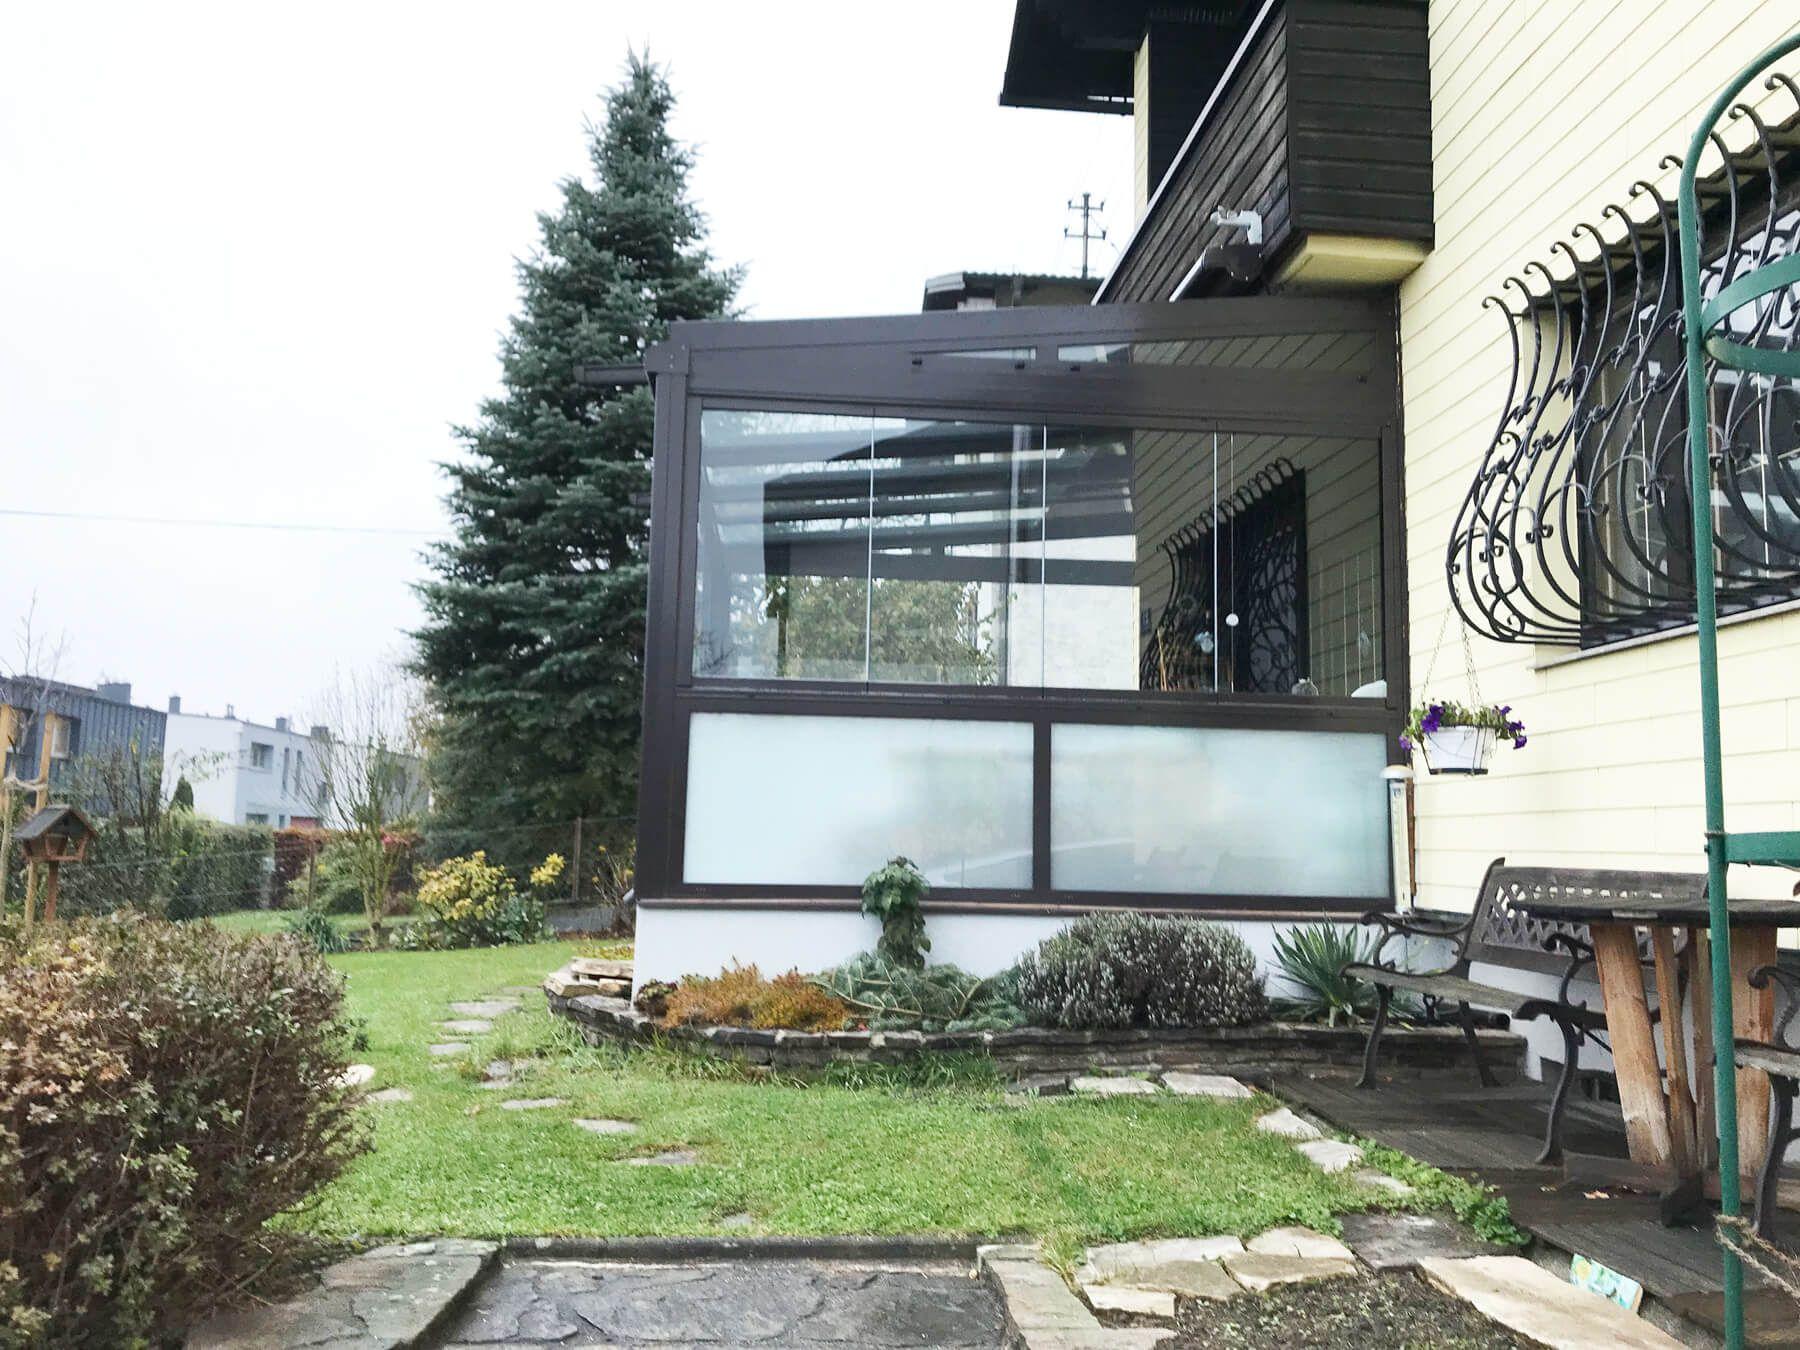 sommergarten mit sunflex schiebefenster unterhalb eines balkons sommergarten pinterest. Black Bedroom Furniture Sets. Home Design Ideas